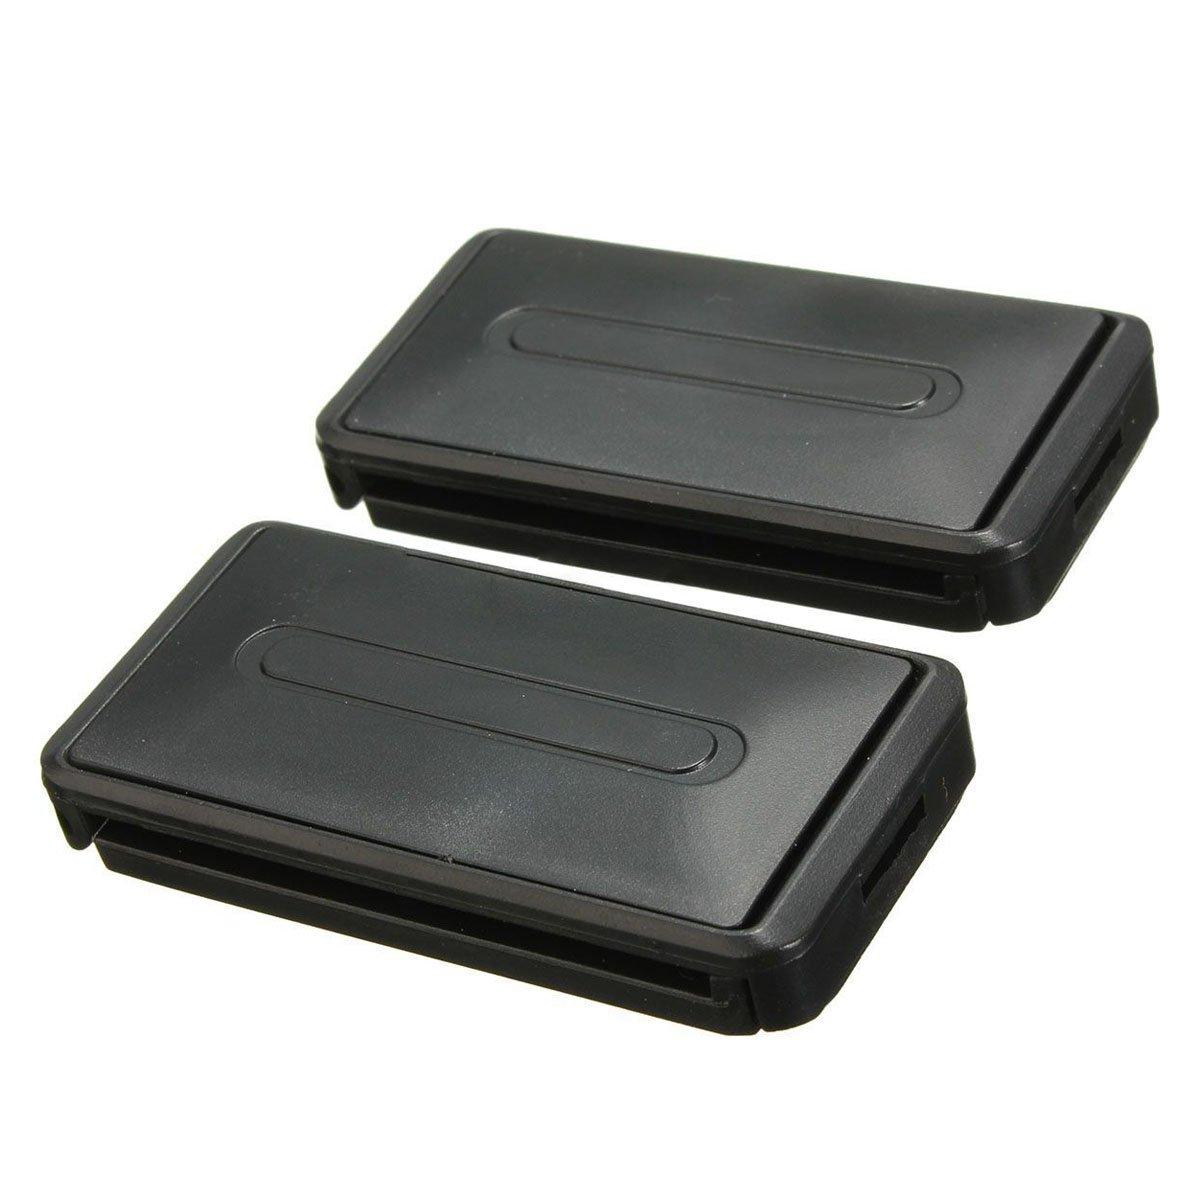 SODIAL(R) 2 x Clips de ceinture de securite pour siege de voiture ajusteur ameliorer boucle d'extension noir 058931